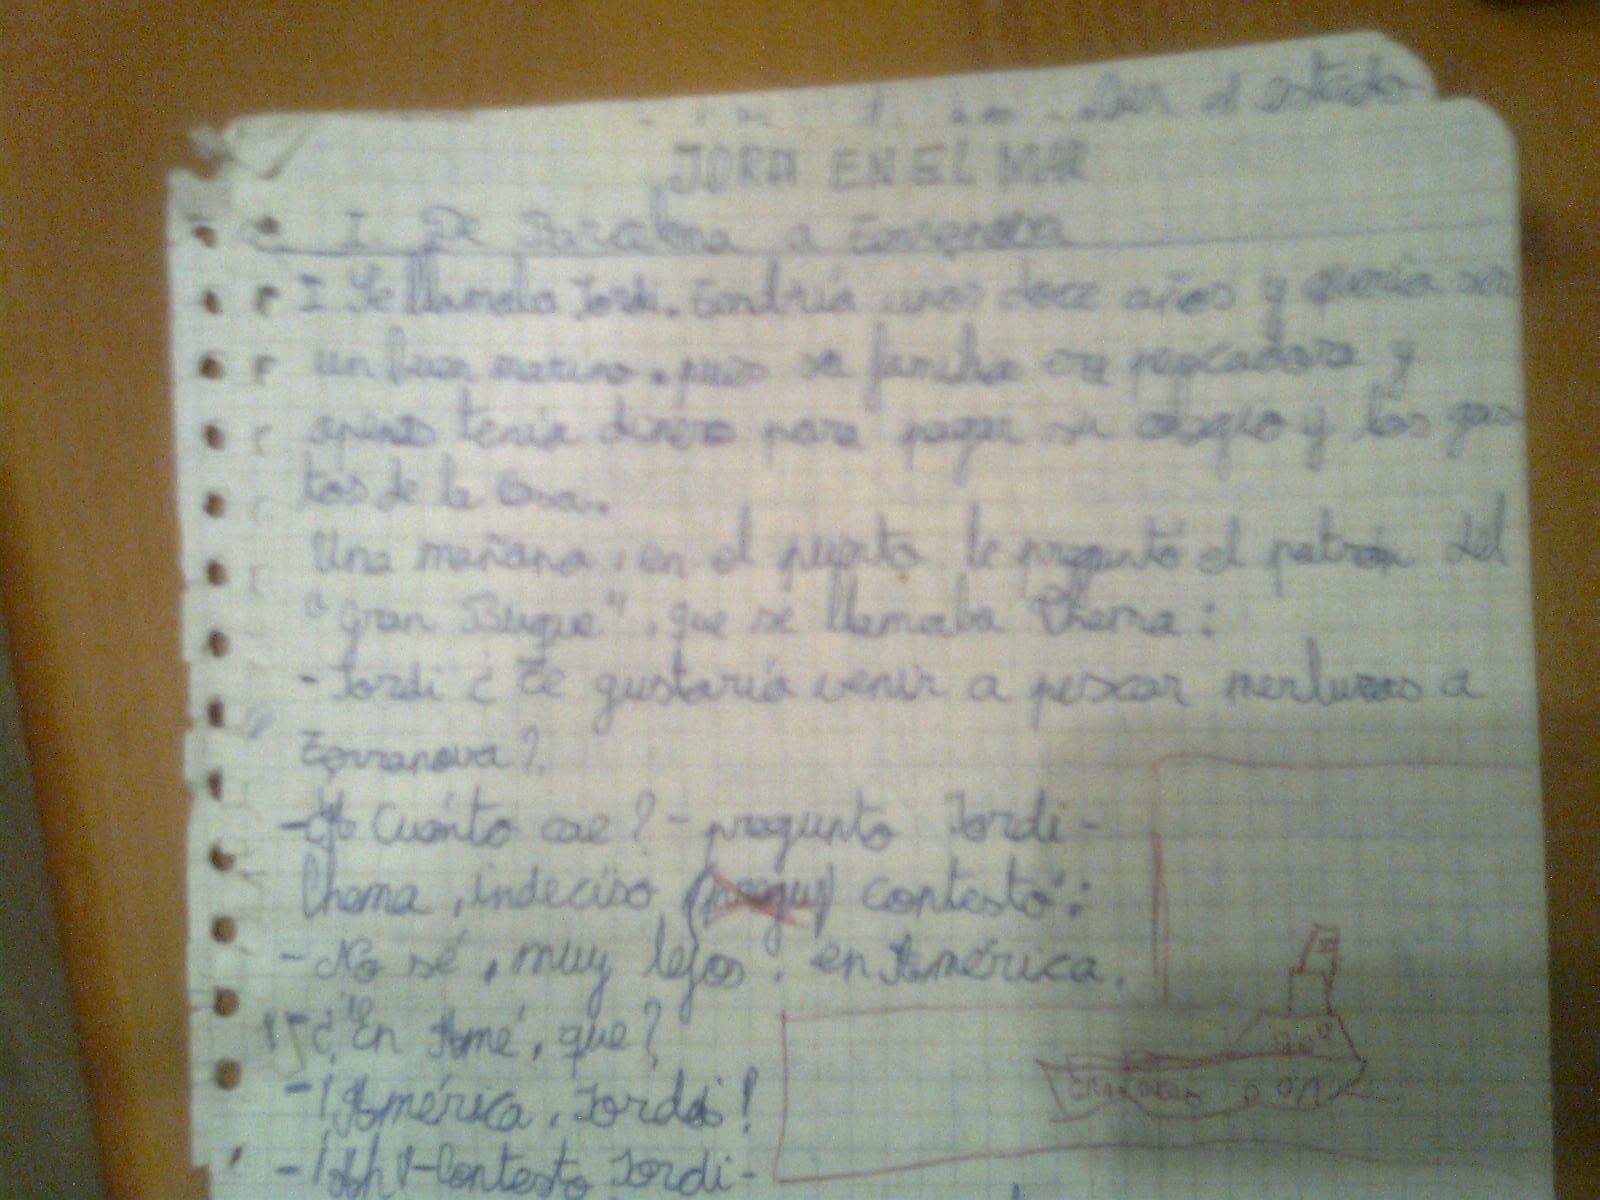 related to carta a una abuela fallecida